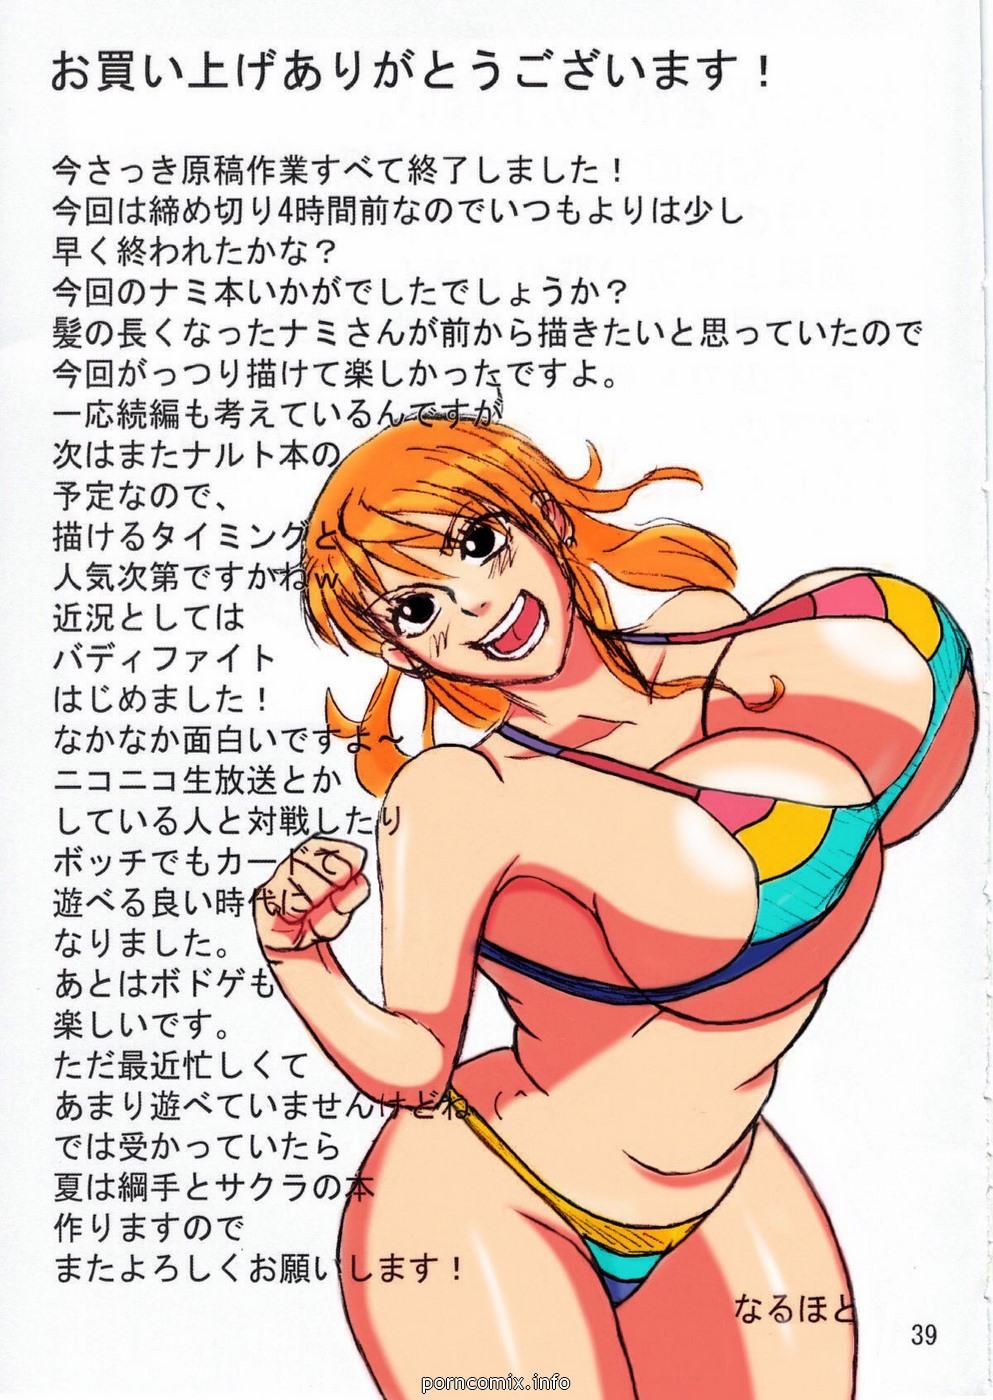 Nami SAGA (One Piece) - part 3